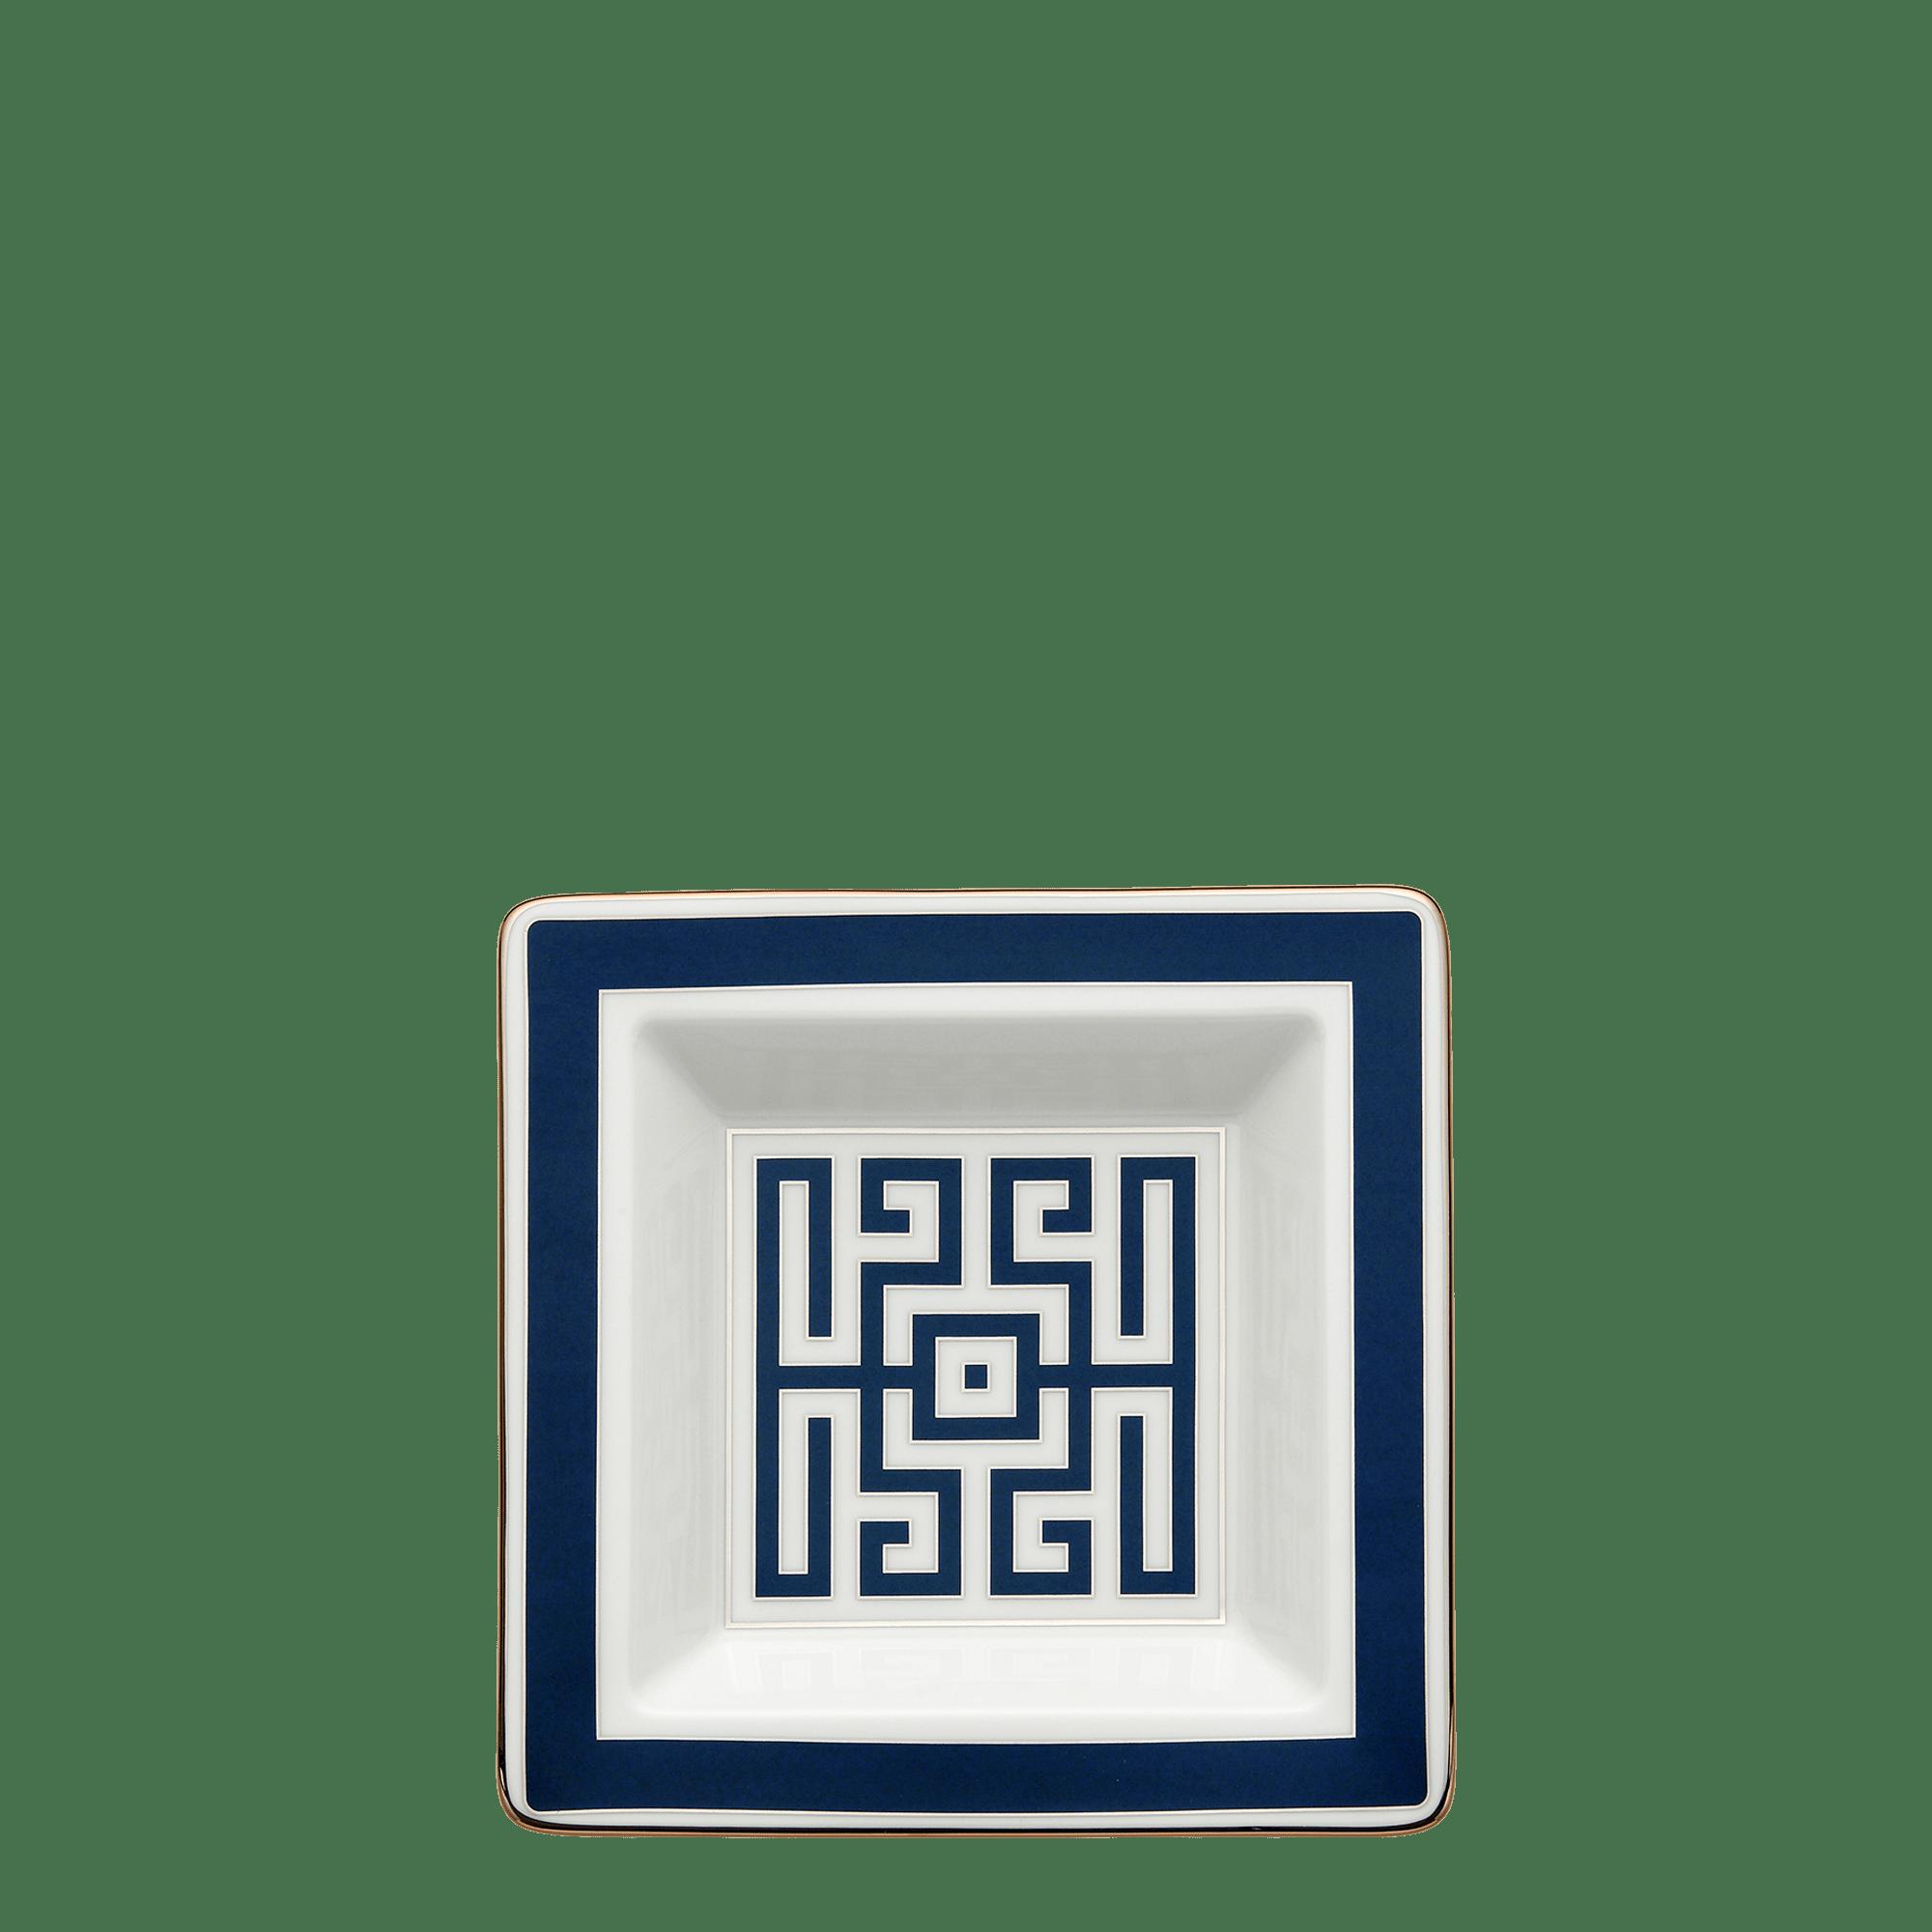 Richard Ginori Svuotatasche Labirinto Zaffiro